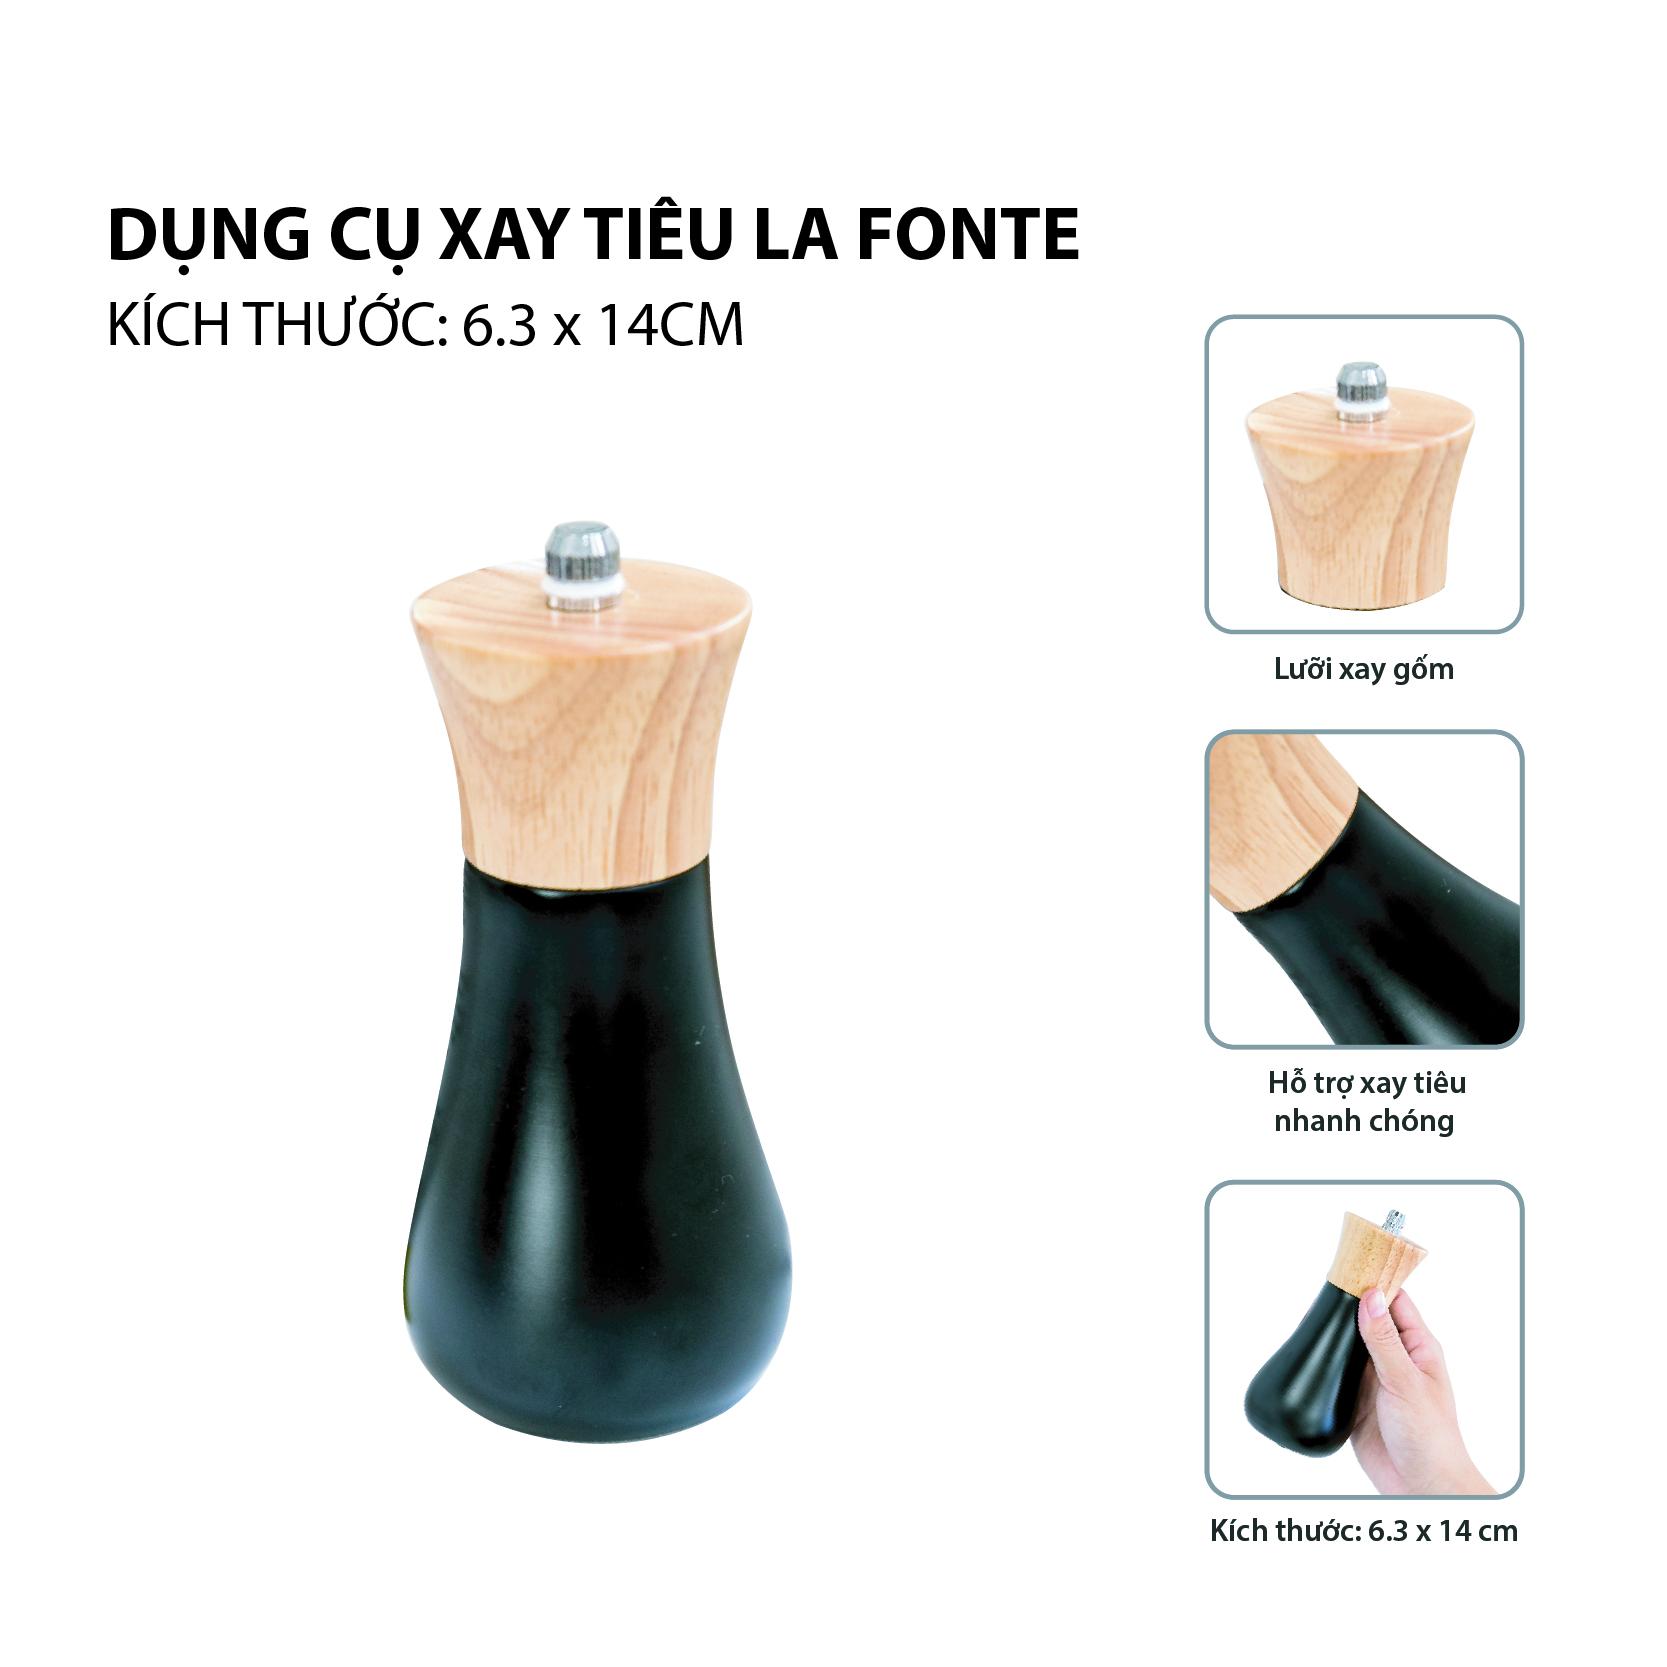 Dụng cụ xay tiêu La Fonte - 006910